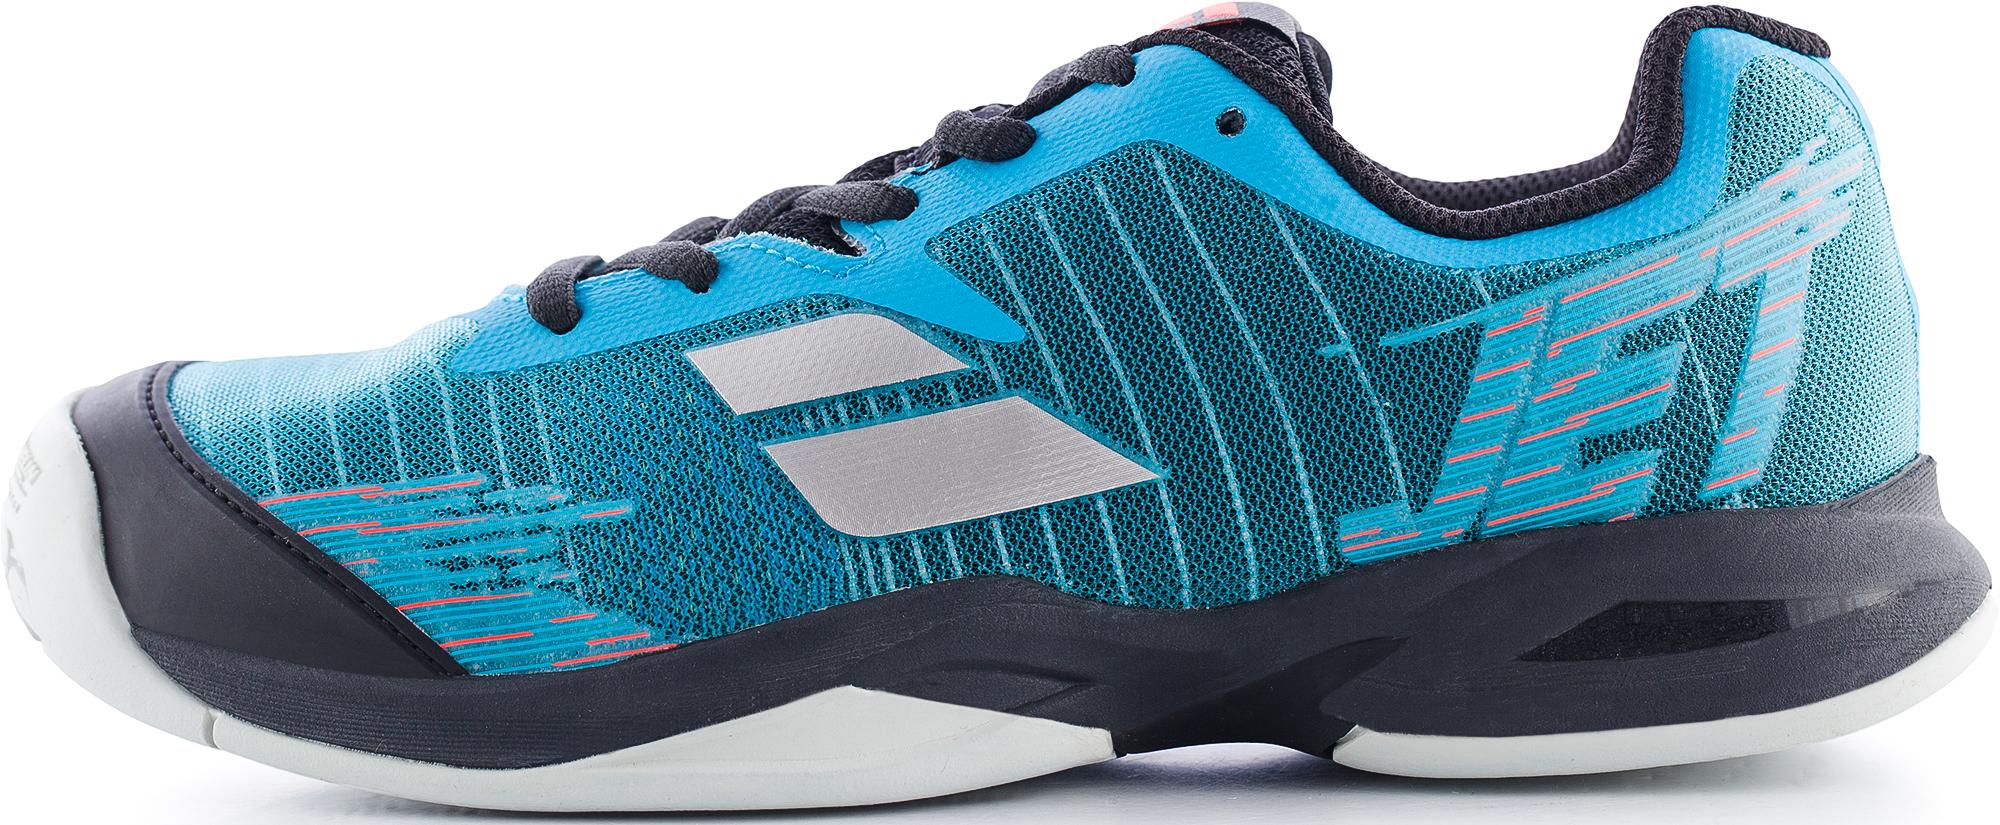 Babolat Кроссовки для мальчиков Babolat Jet All Court, размер 38,5 кроссовки мужские adidas all court цвет белый bb9926 размер 7 39